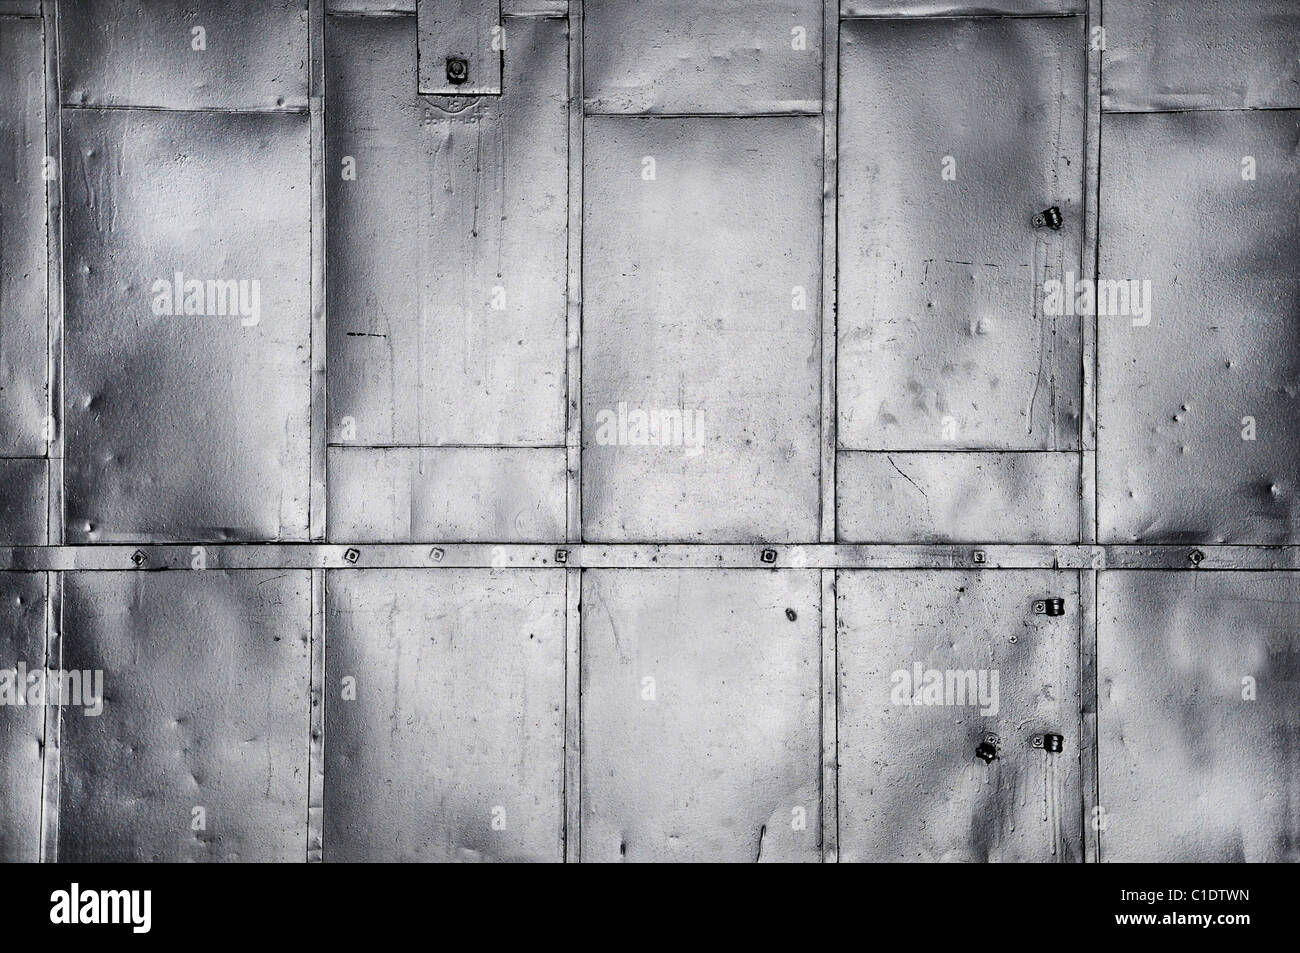 Metal panels on industrial door or wall - Stock Image